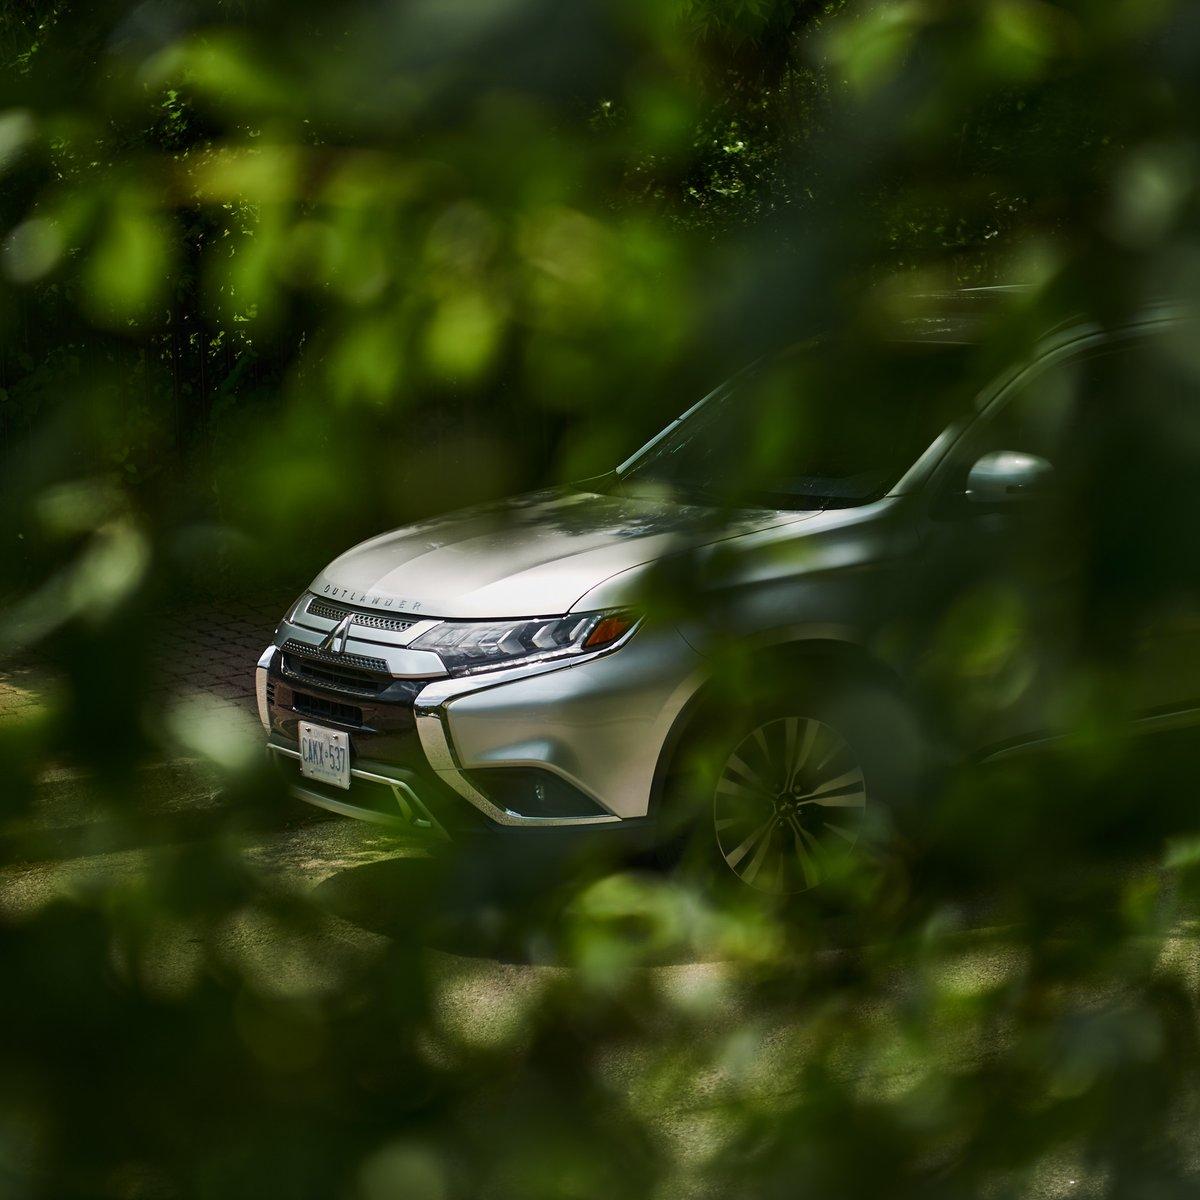 Toujours accrocheur, même dans l'ombre.  #Outlander #MitsubishiMotors #DriveyourAmbition #RéalisezVosAmbitions https://t.co/C4q7zaVGqY